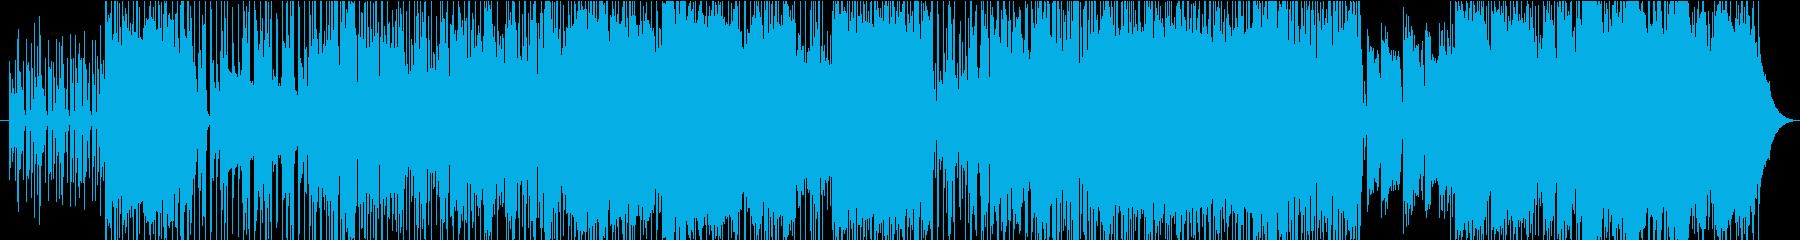 普通のひとの再生済みの波形